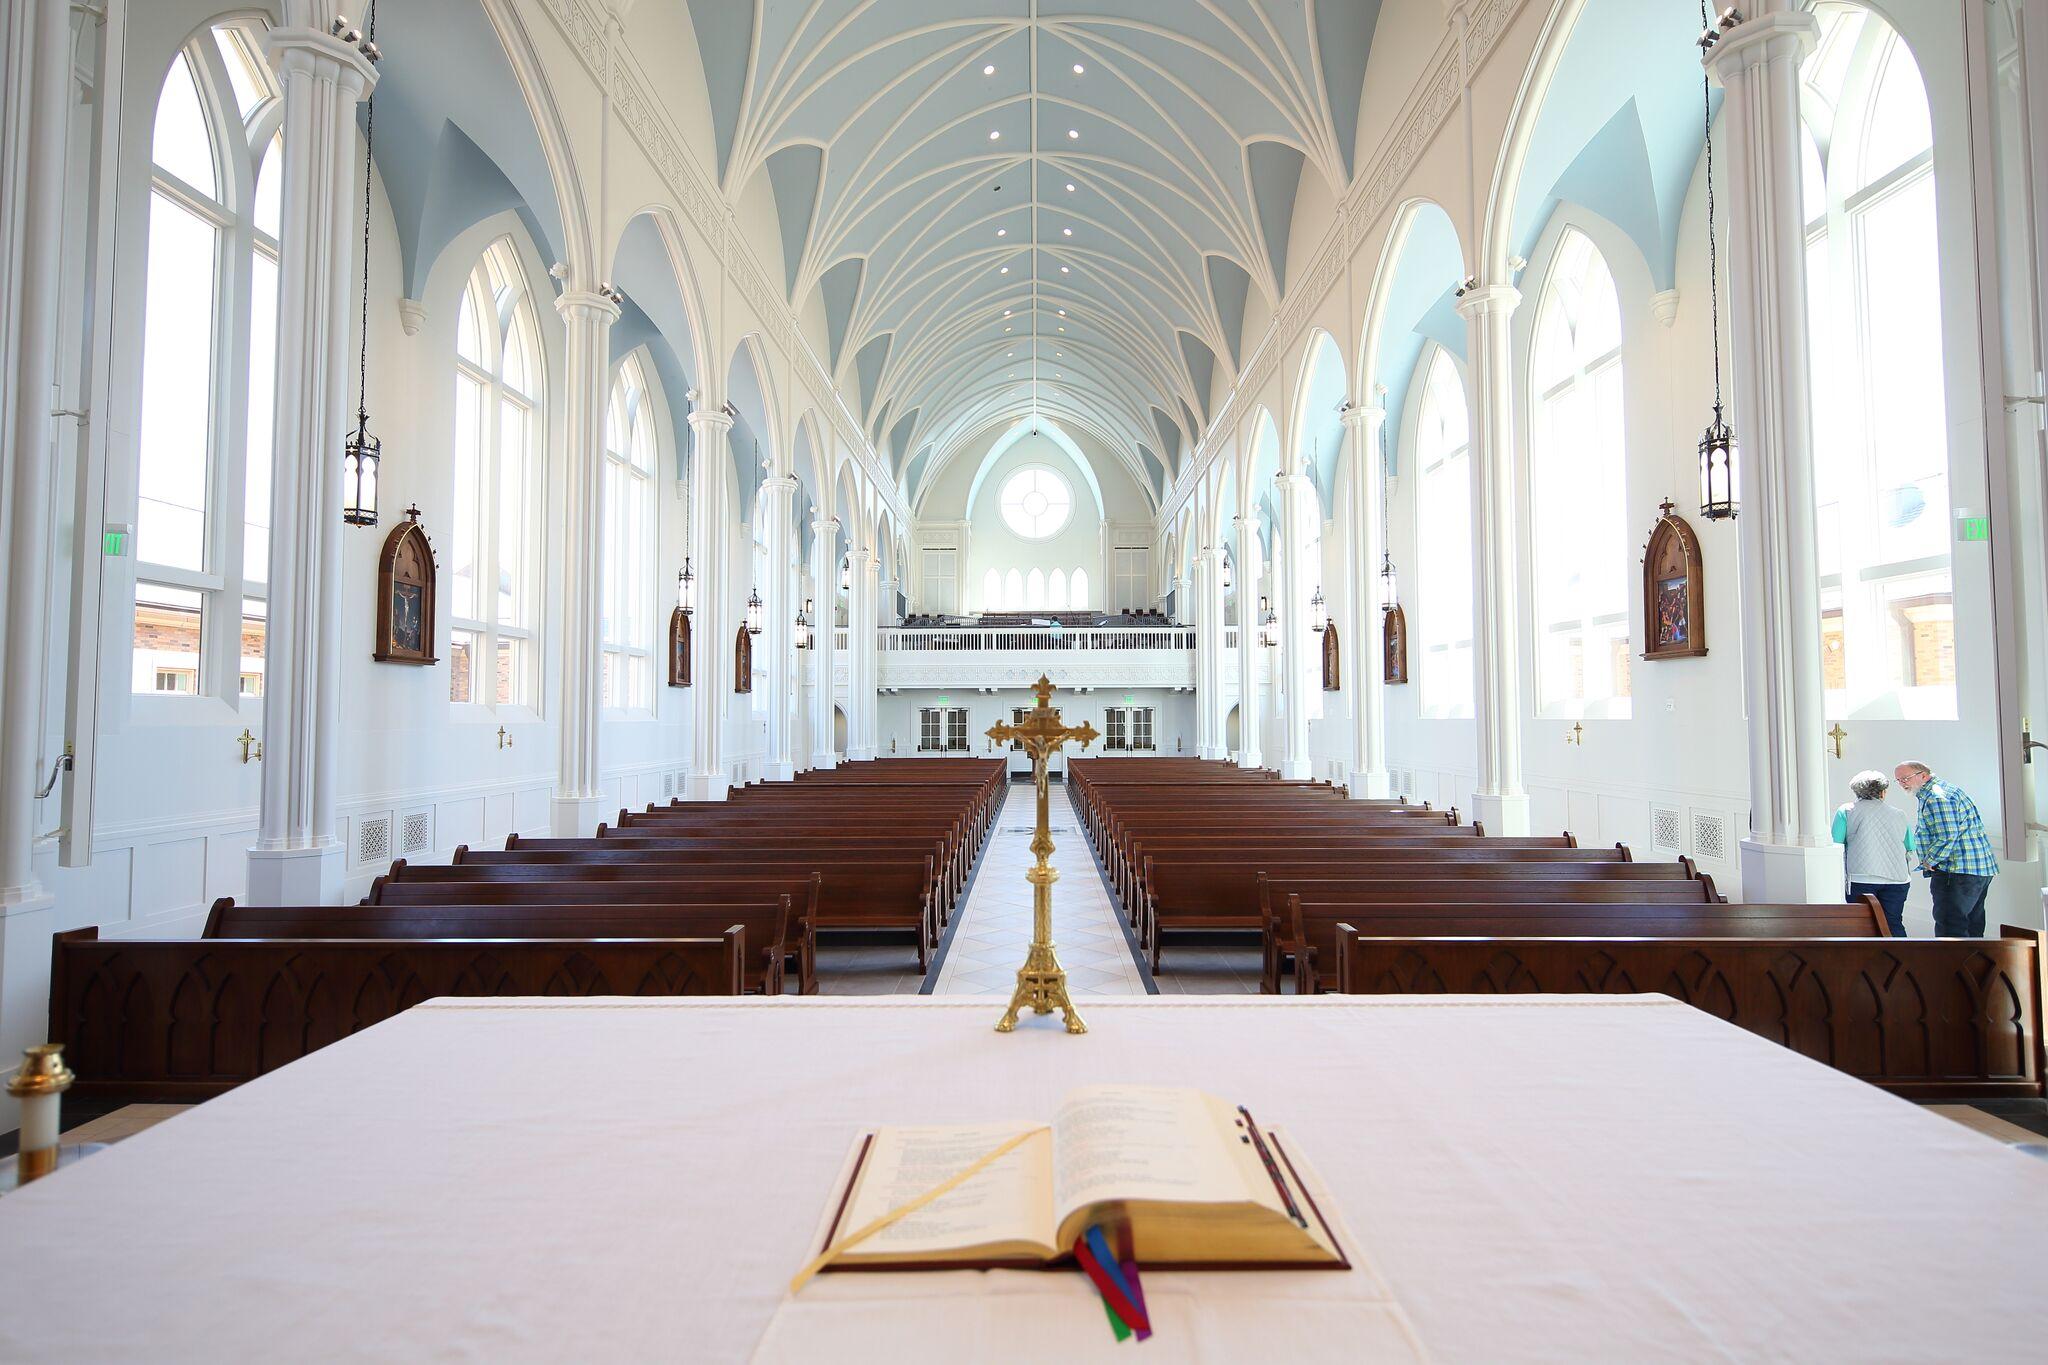 SFX-Altar View.jpeg